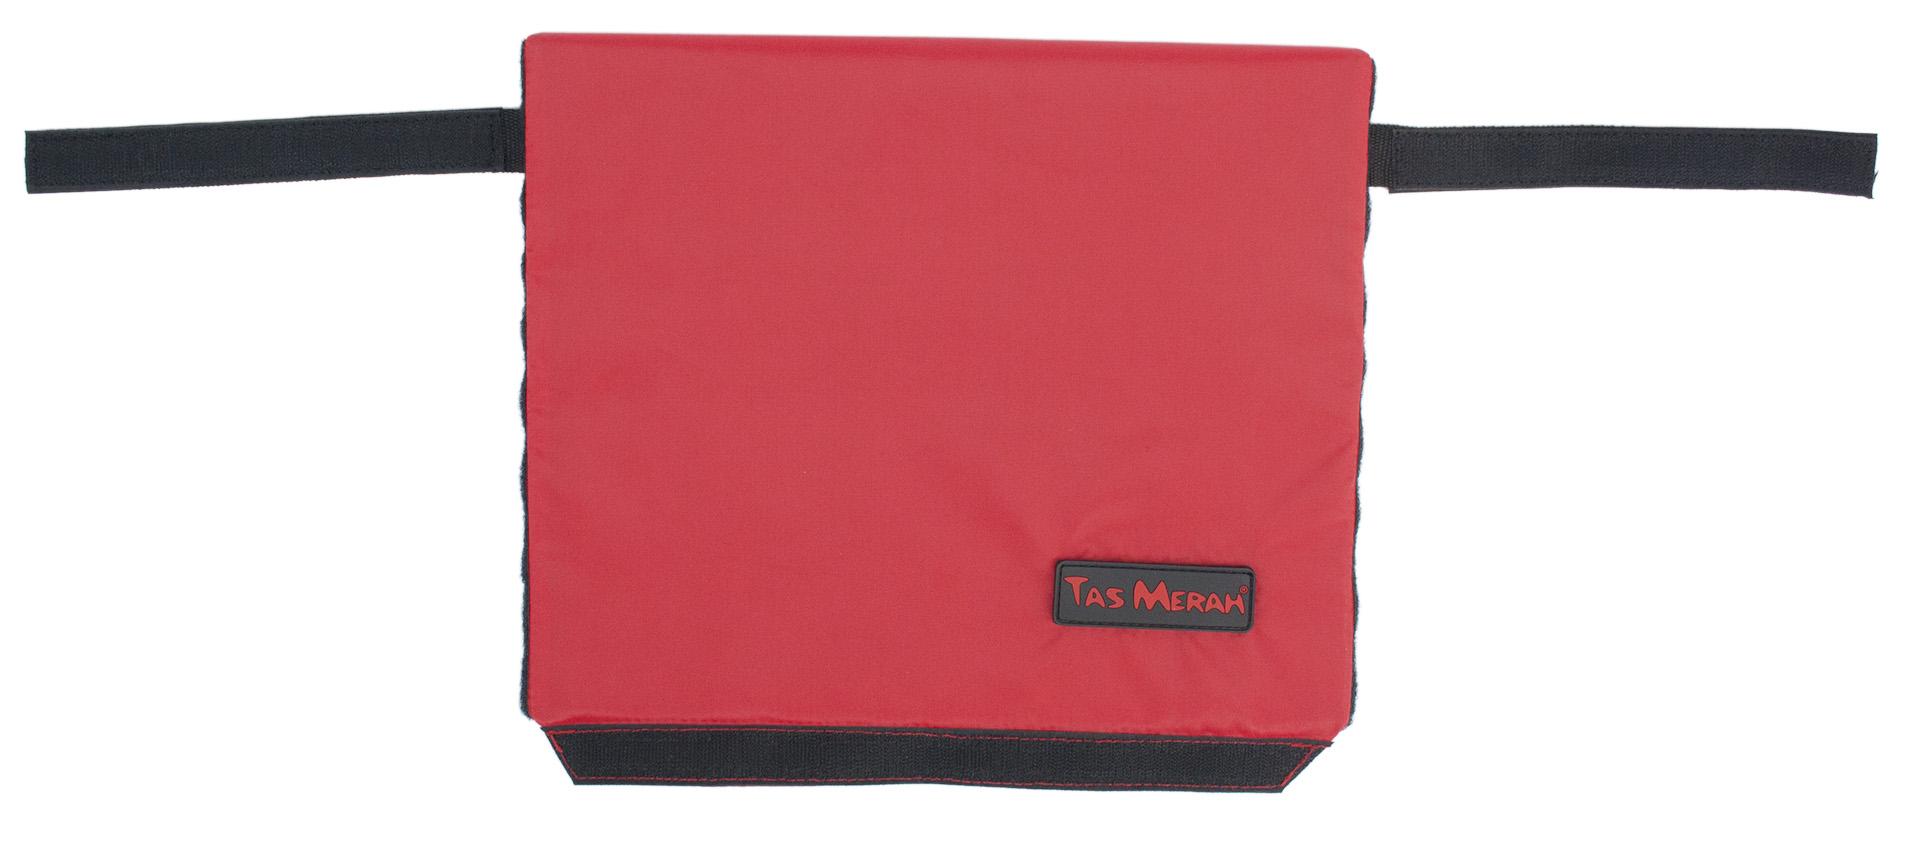 Tm Front Divider For 1 10 4226 Make Up Soft Cases Tas Merah